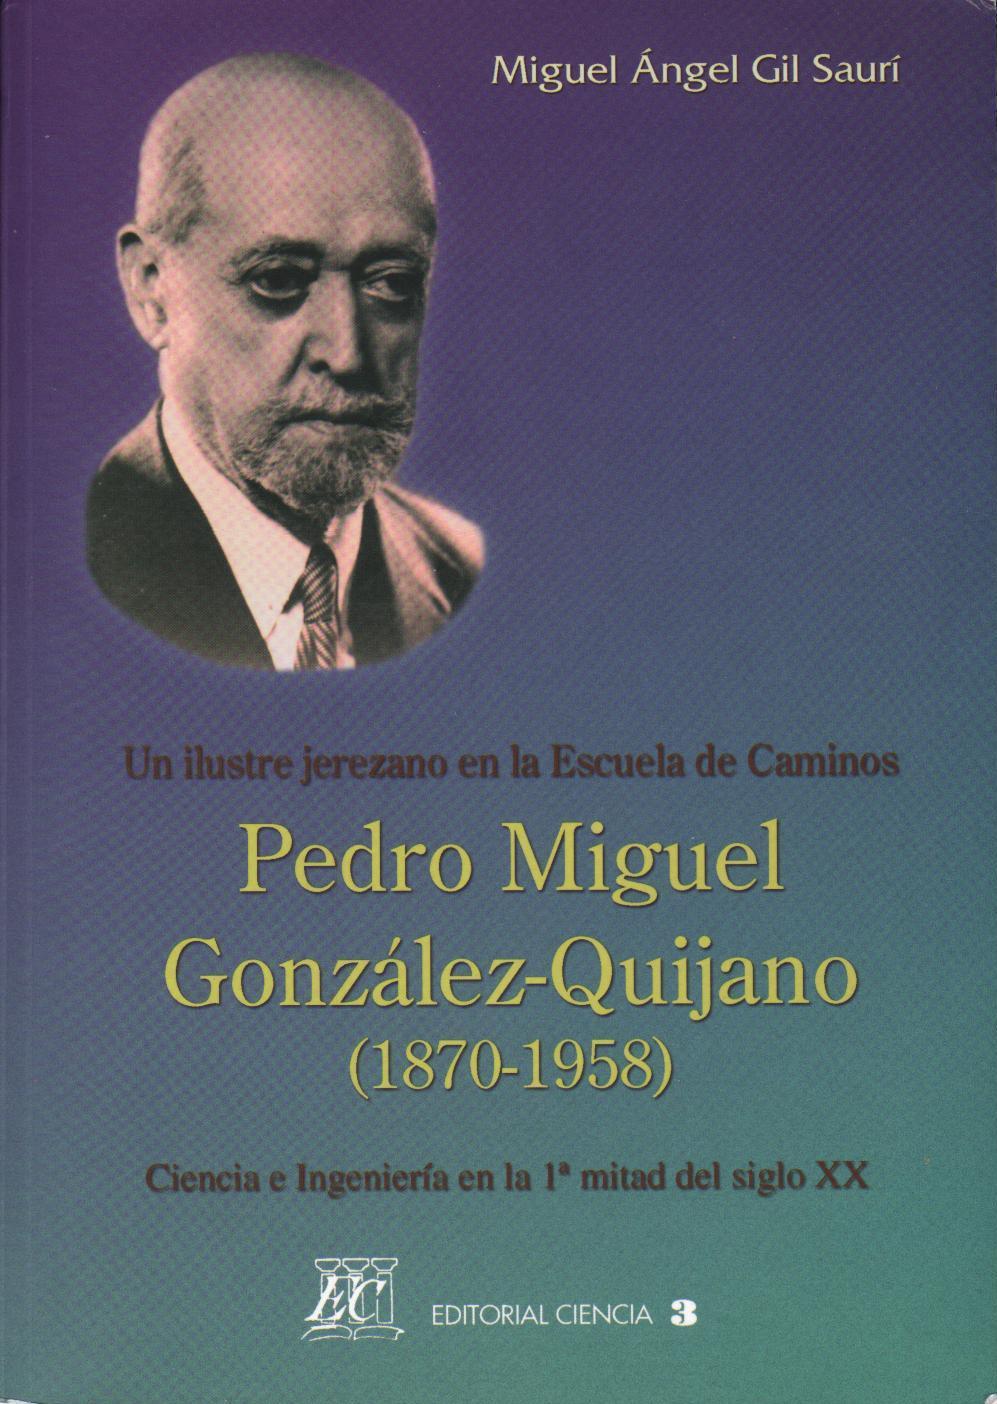 Pedro Miguel González Quijano